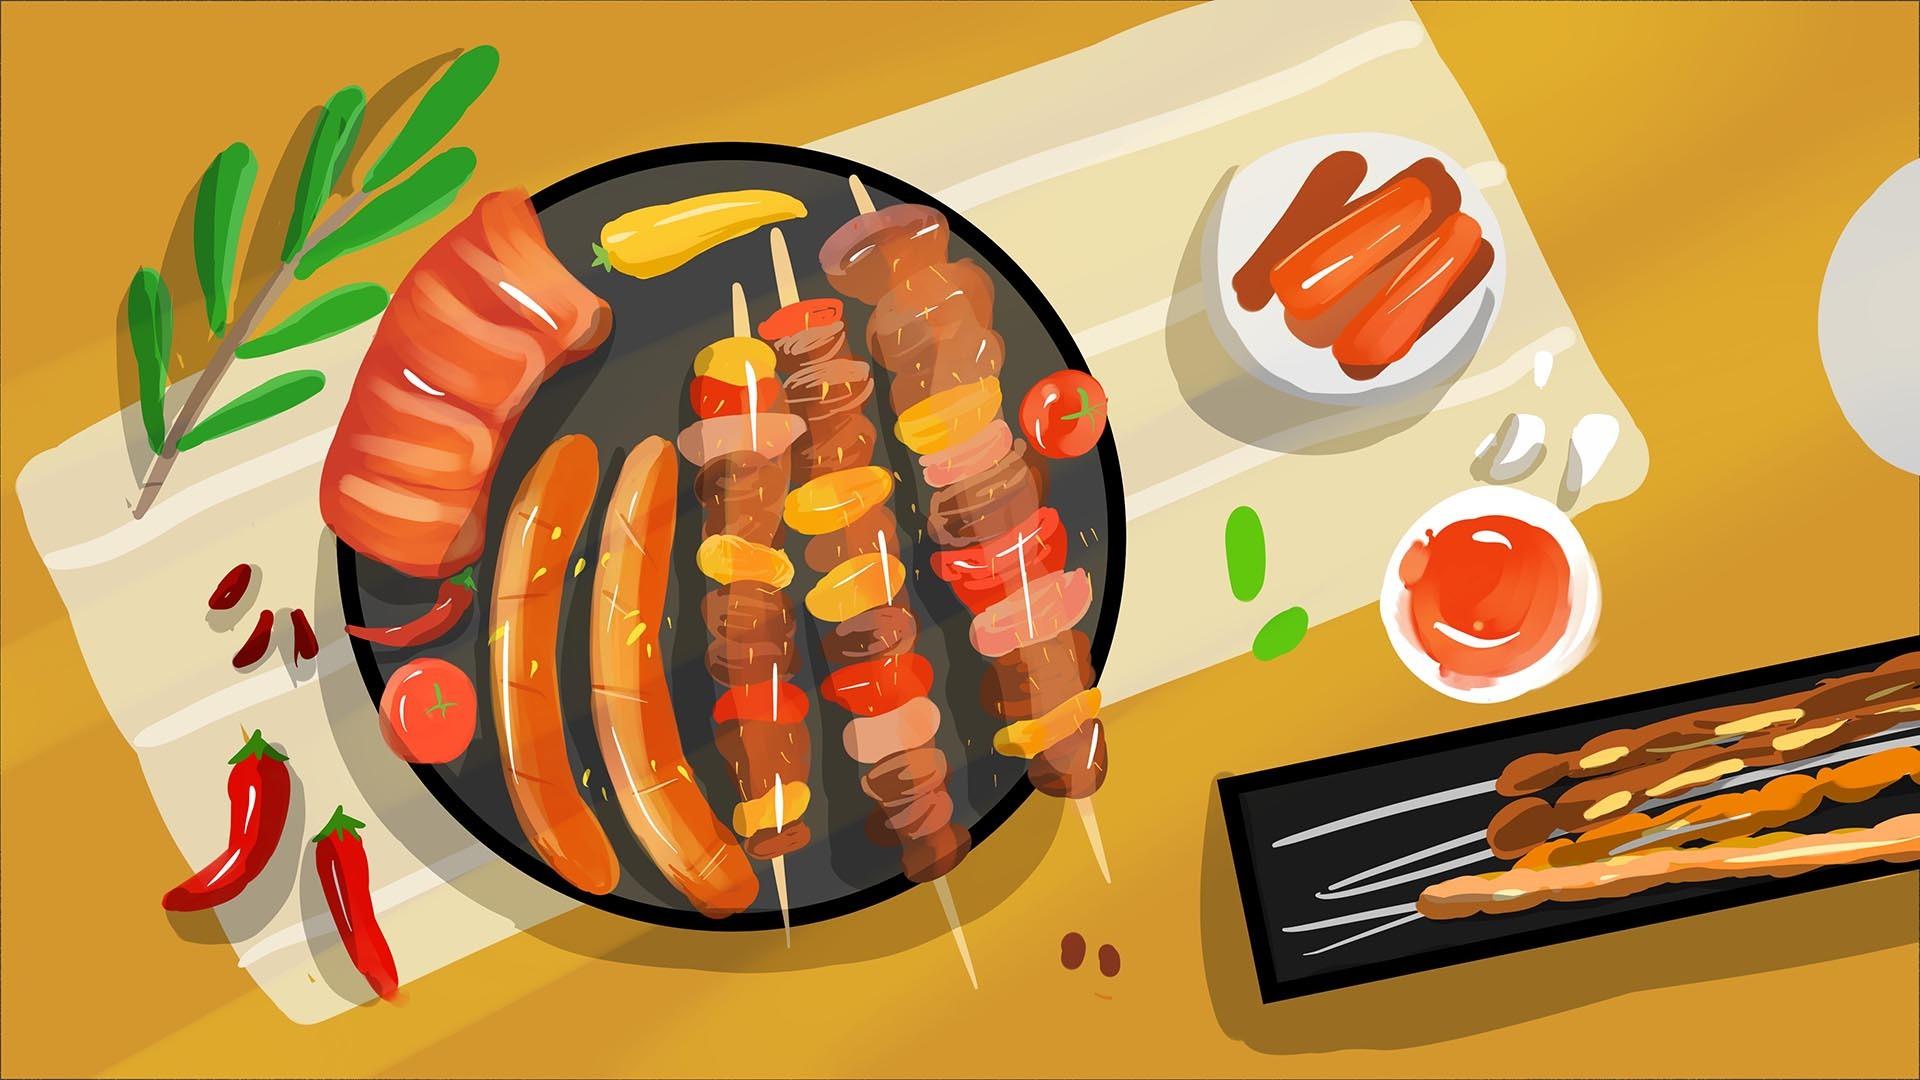 天下插画藕片炒美食美食图片